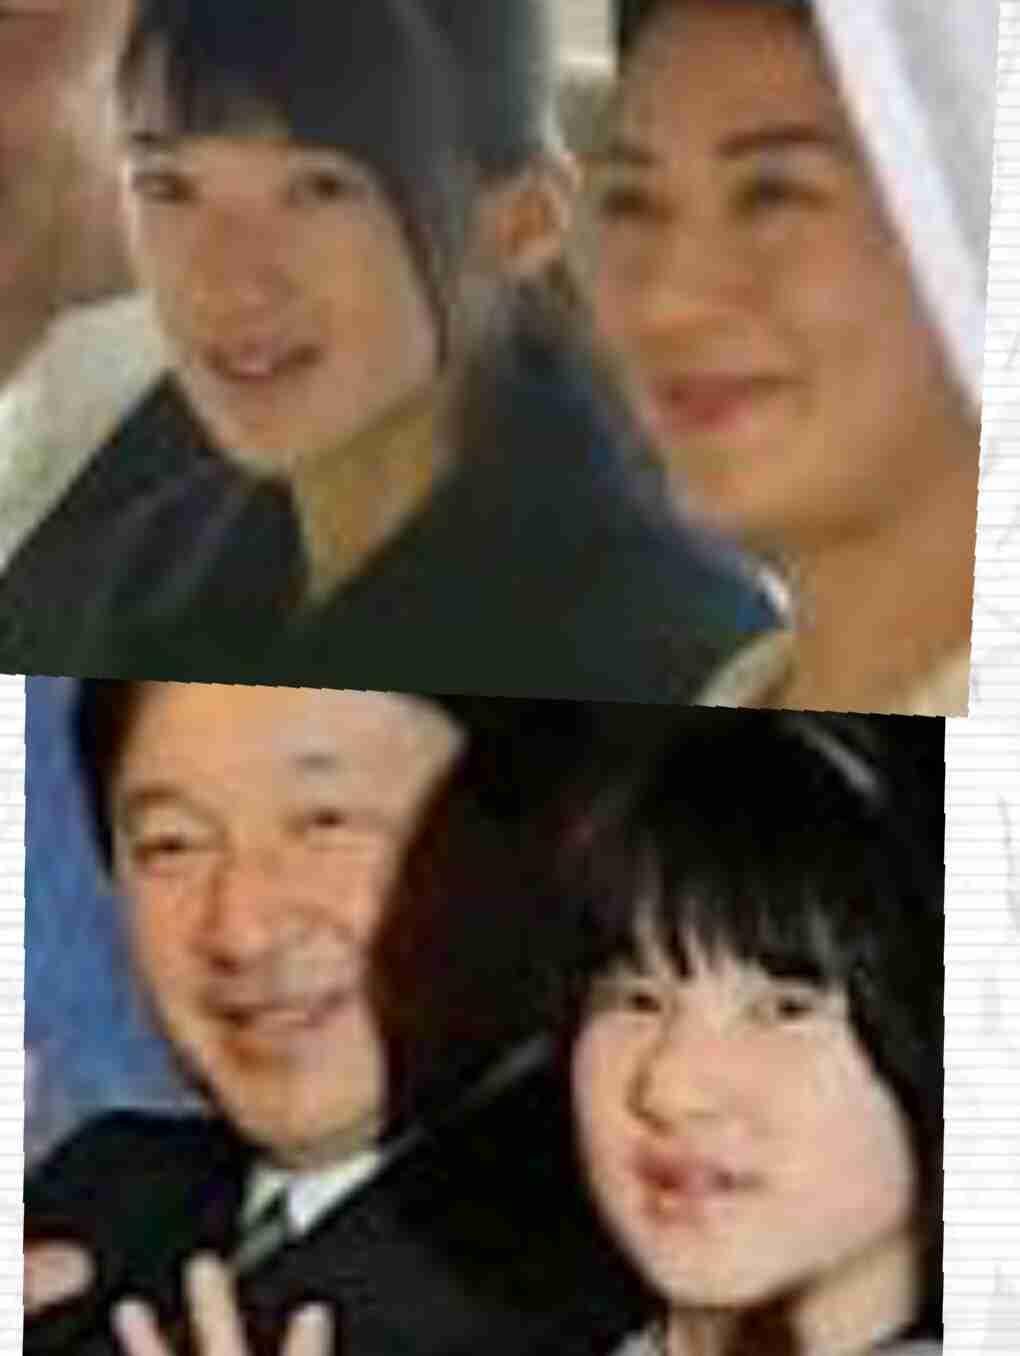 愛子さま 去年夏以来初、ご夫妻公務へ同行